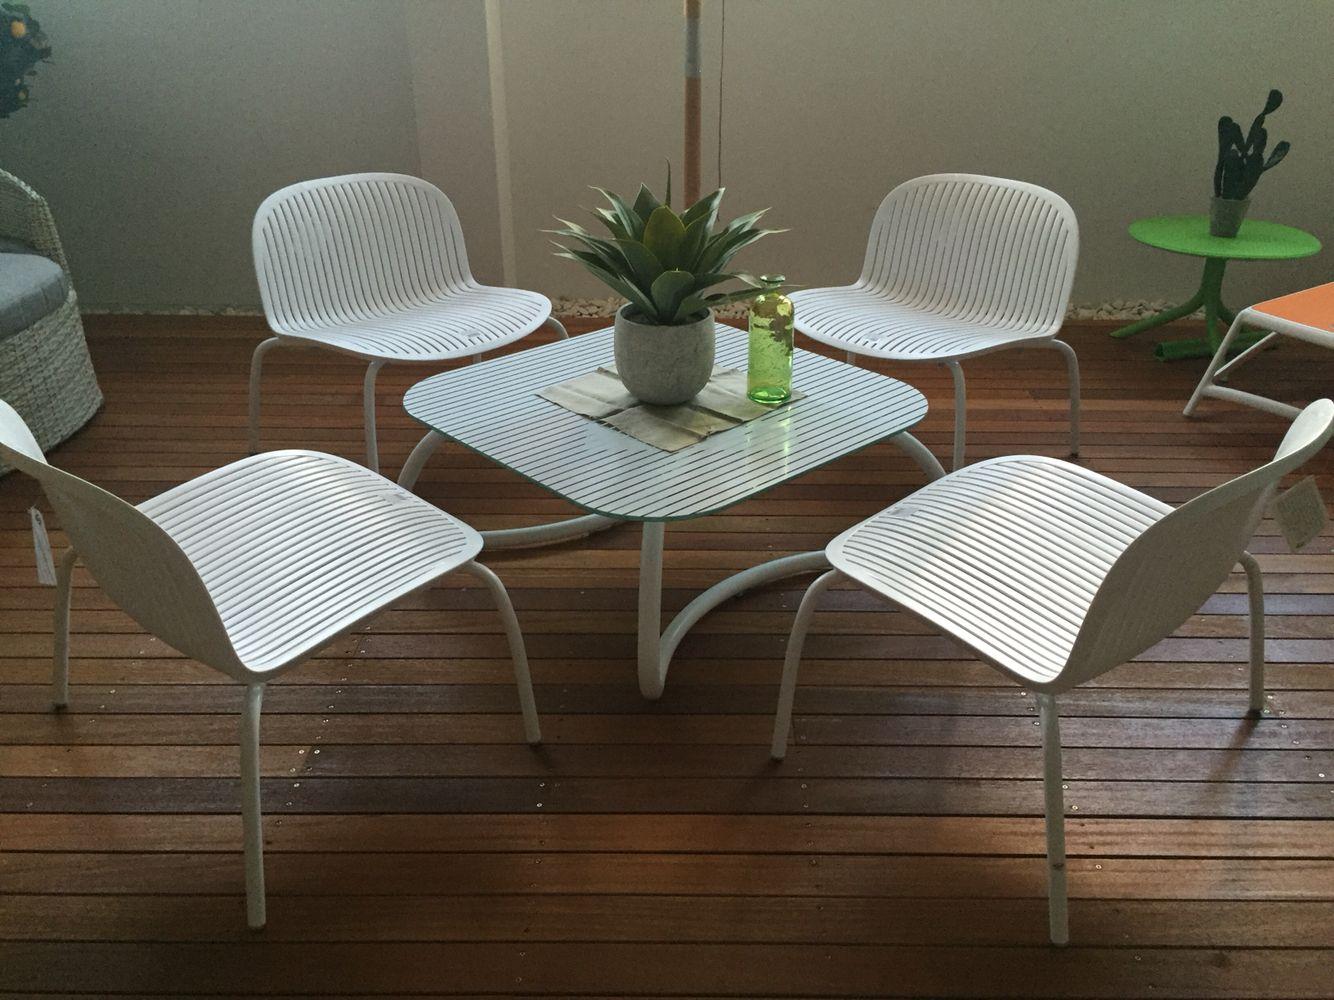 Nardi Mobili ~ Nardi ninfea relax chairs with loto coffee table nardi outdoor